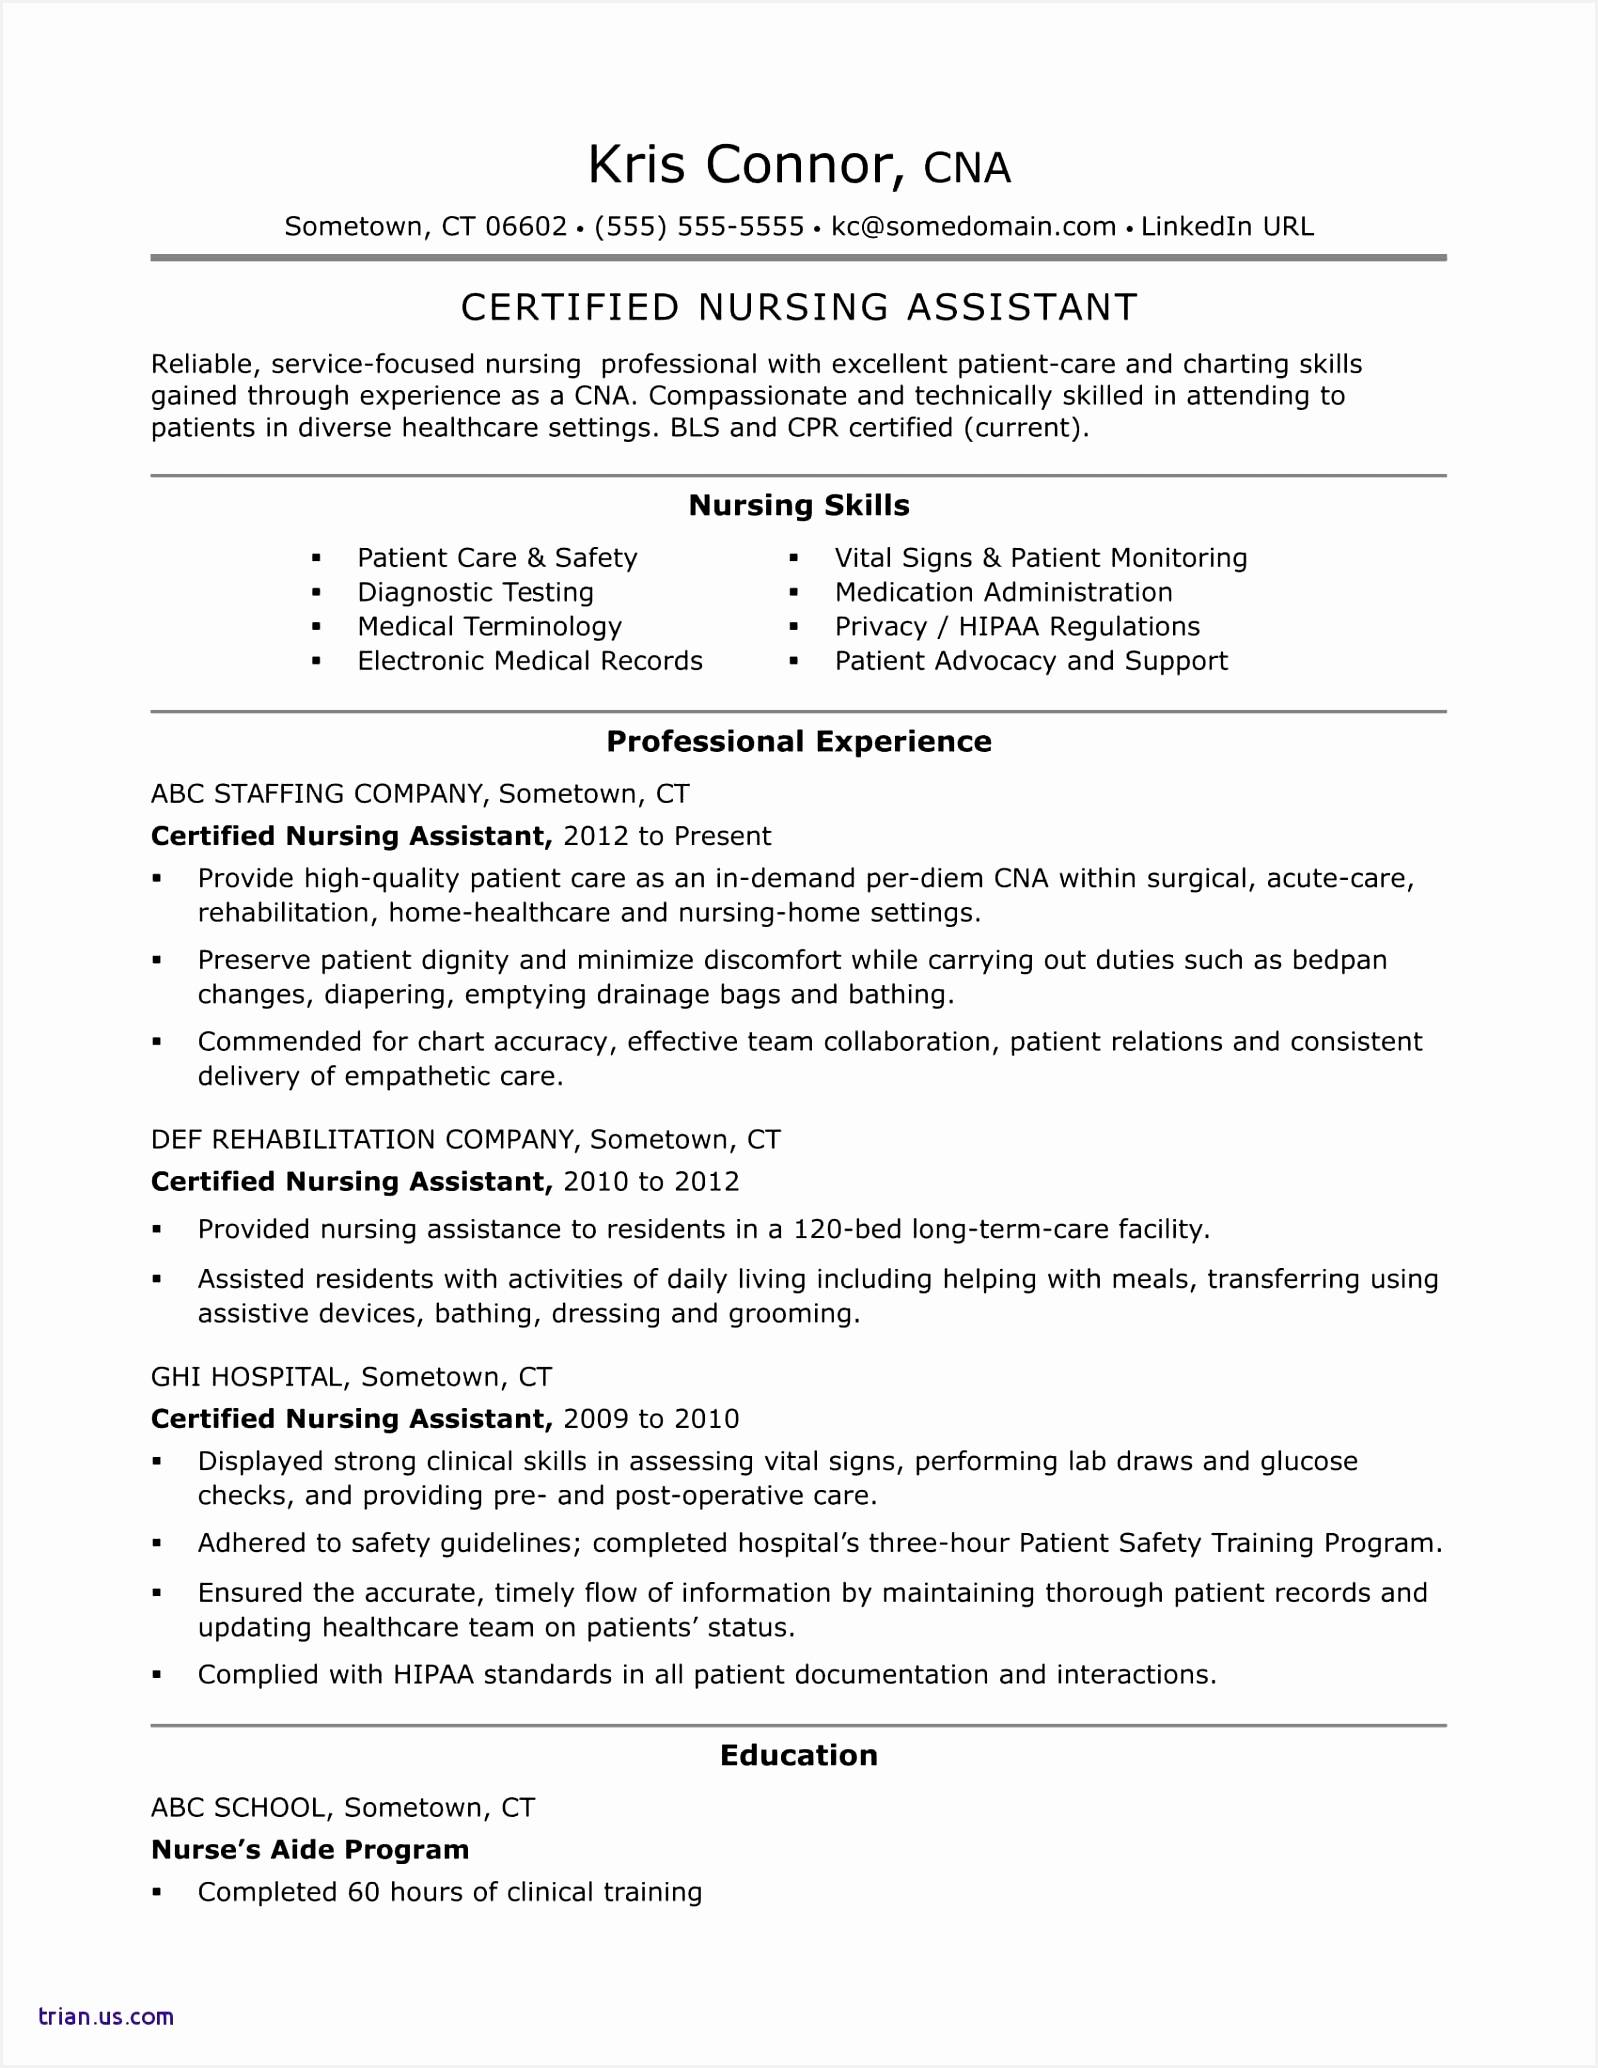 Certified Nursing Assistant Sample Resume 20681598qfebt